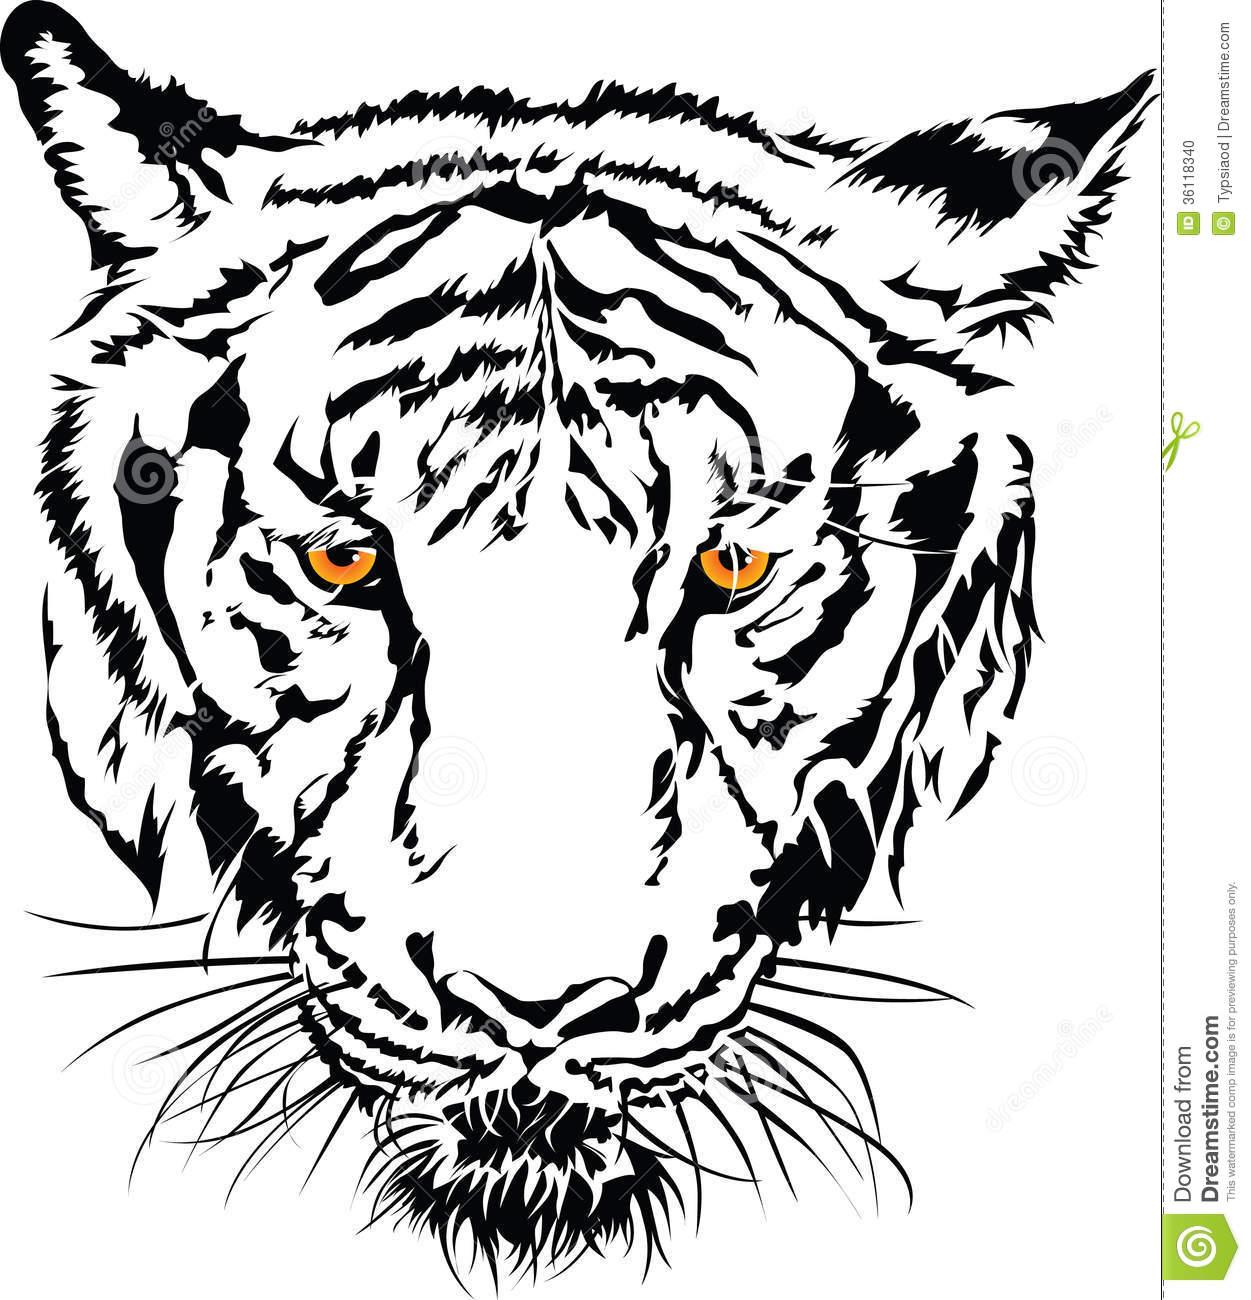 Tigres clipart drawn #3